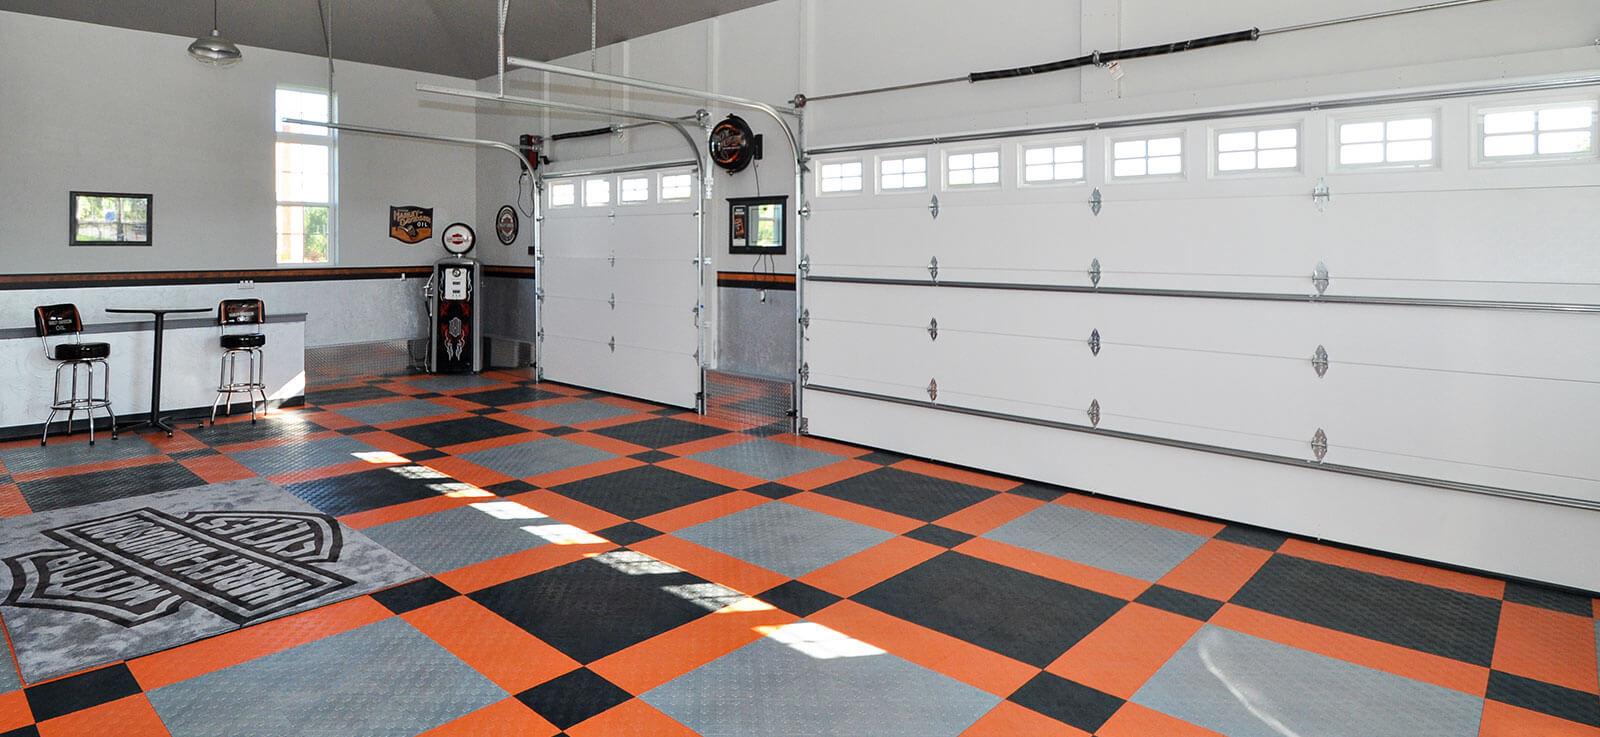 HarleyDavidson garage flooring